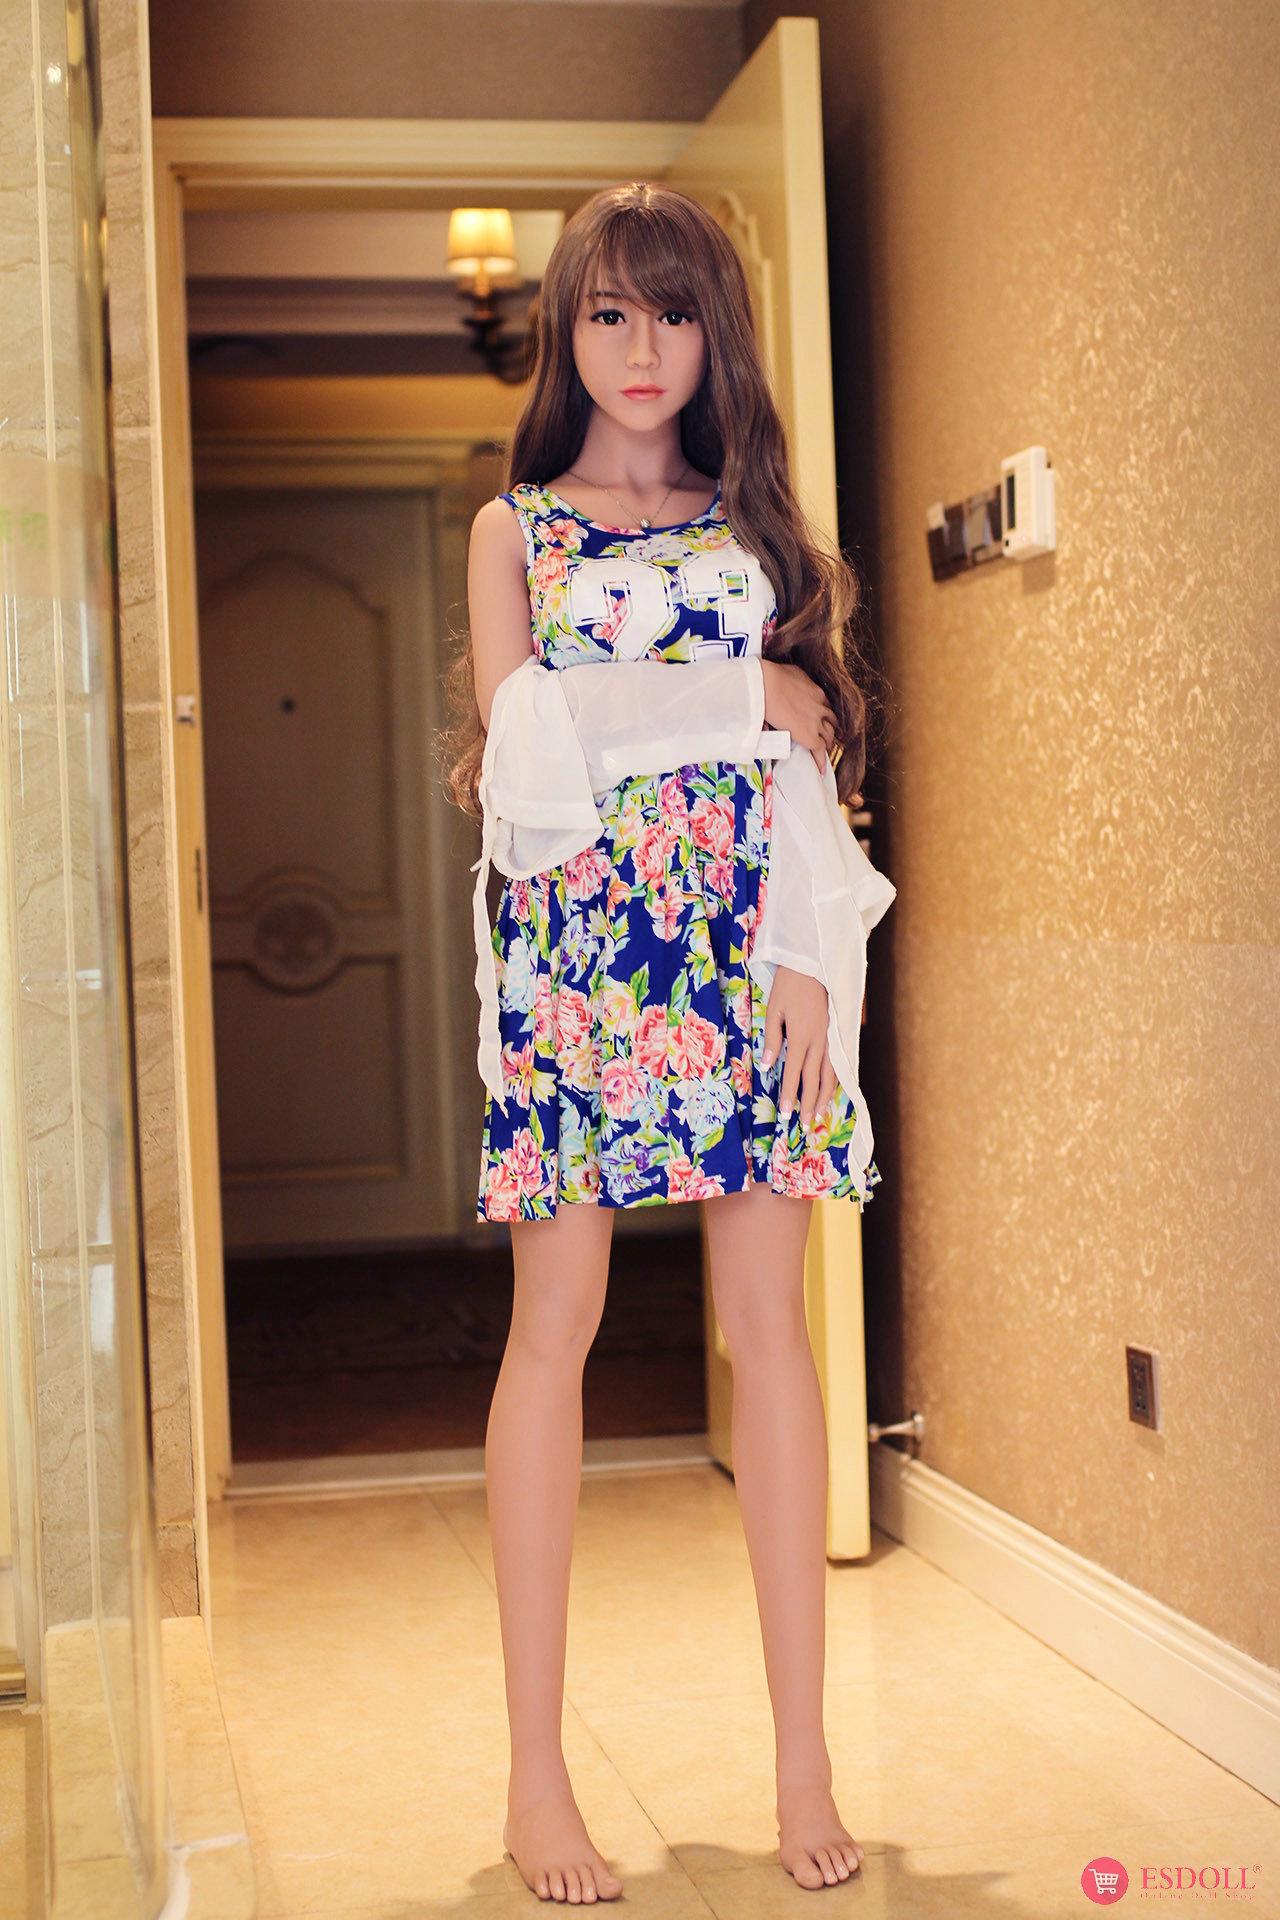 156cm 5.12ft Nicky sex doll - 19